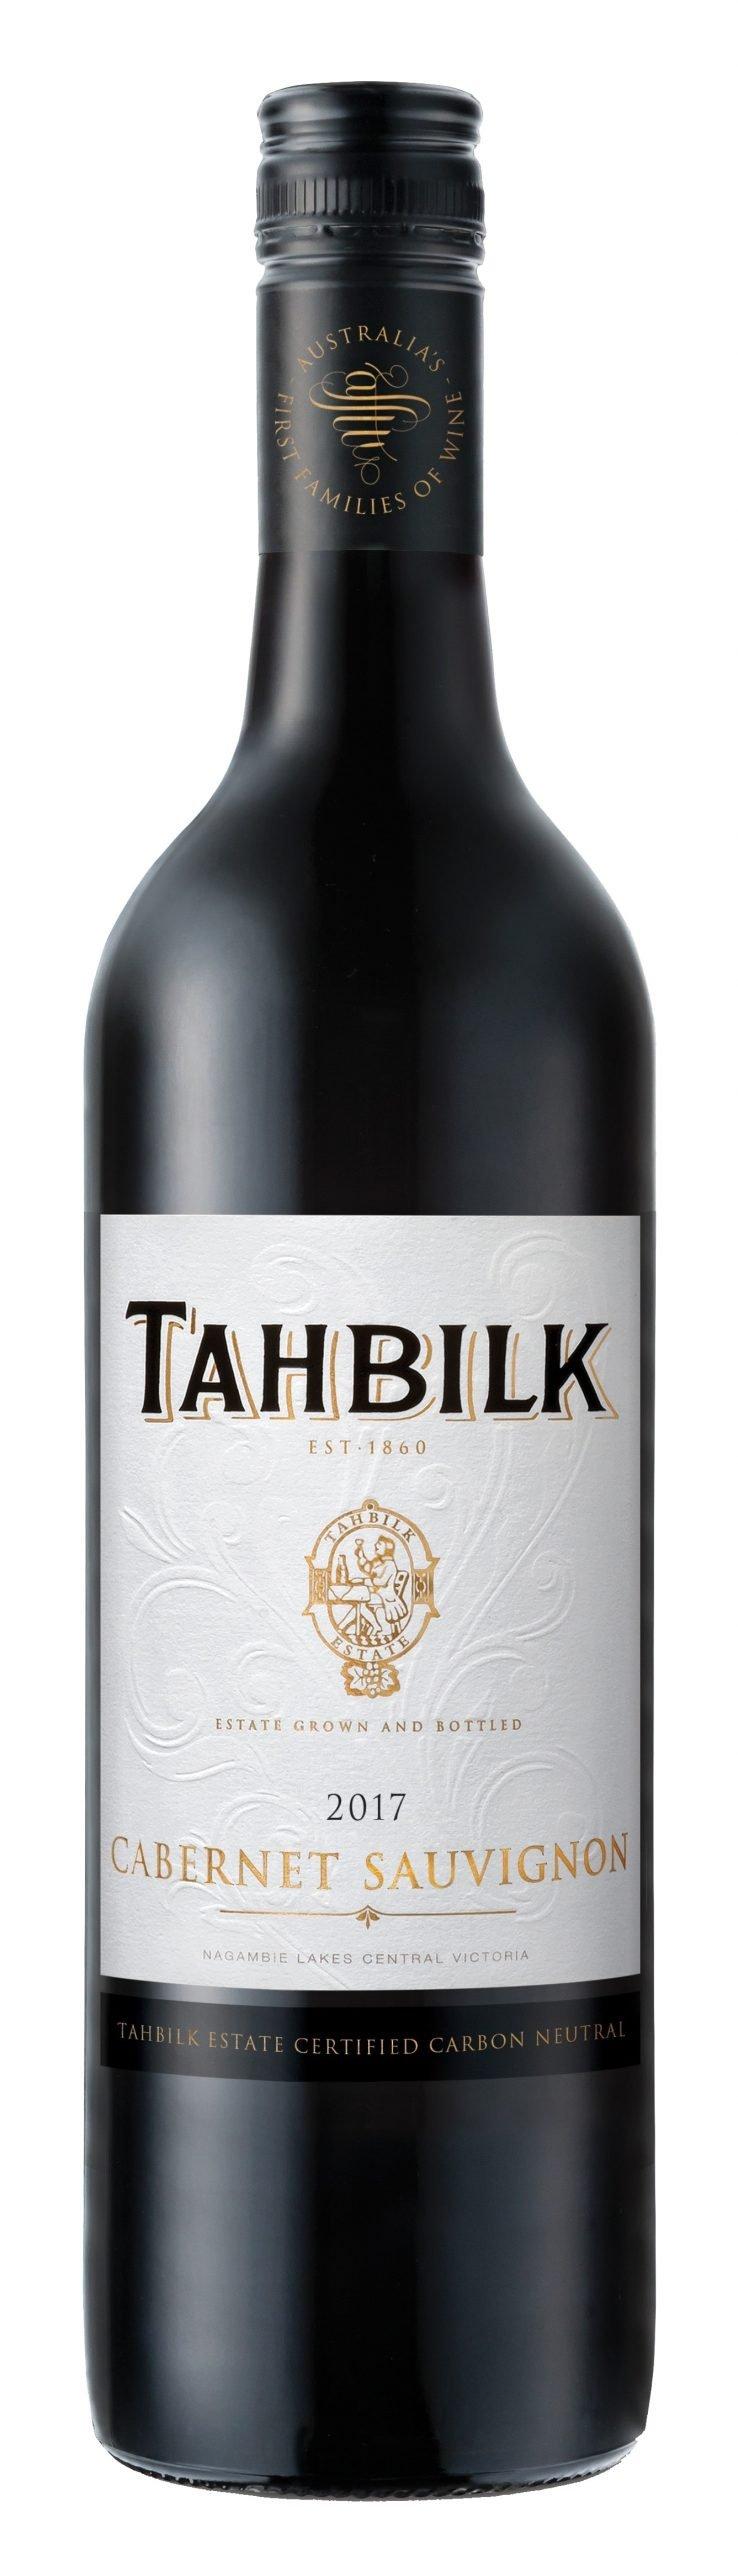 Tahbilk Cabernet Sauvignon 2017-Buy Wine SIngapore